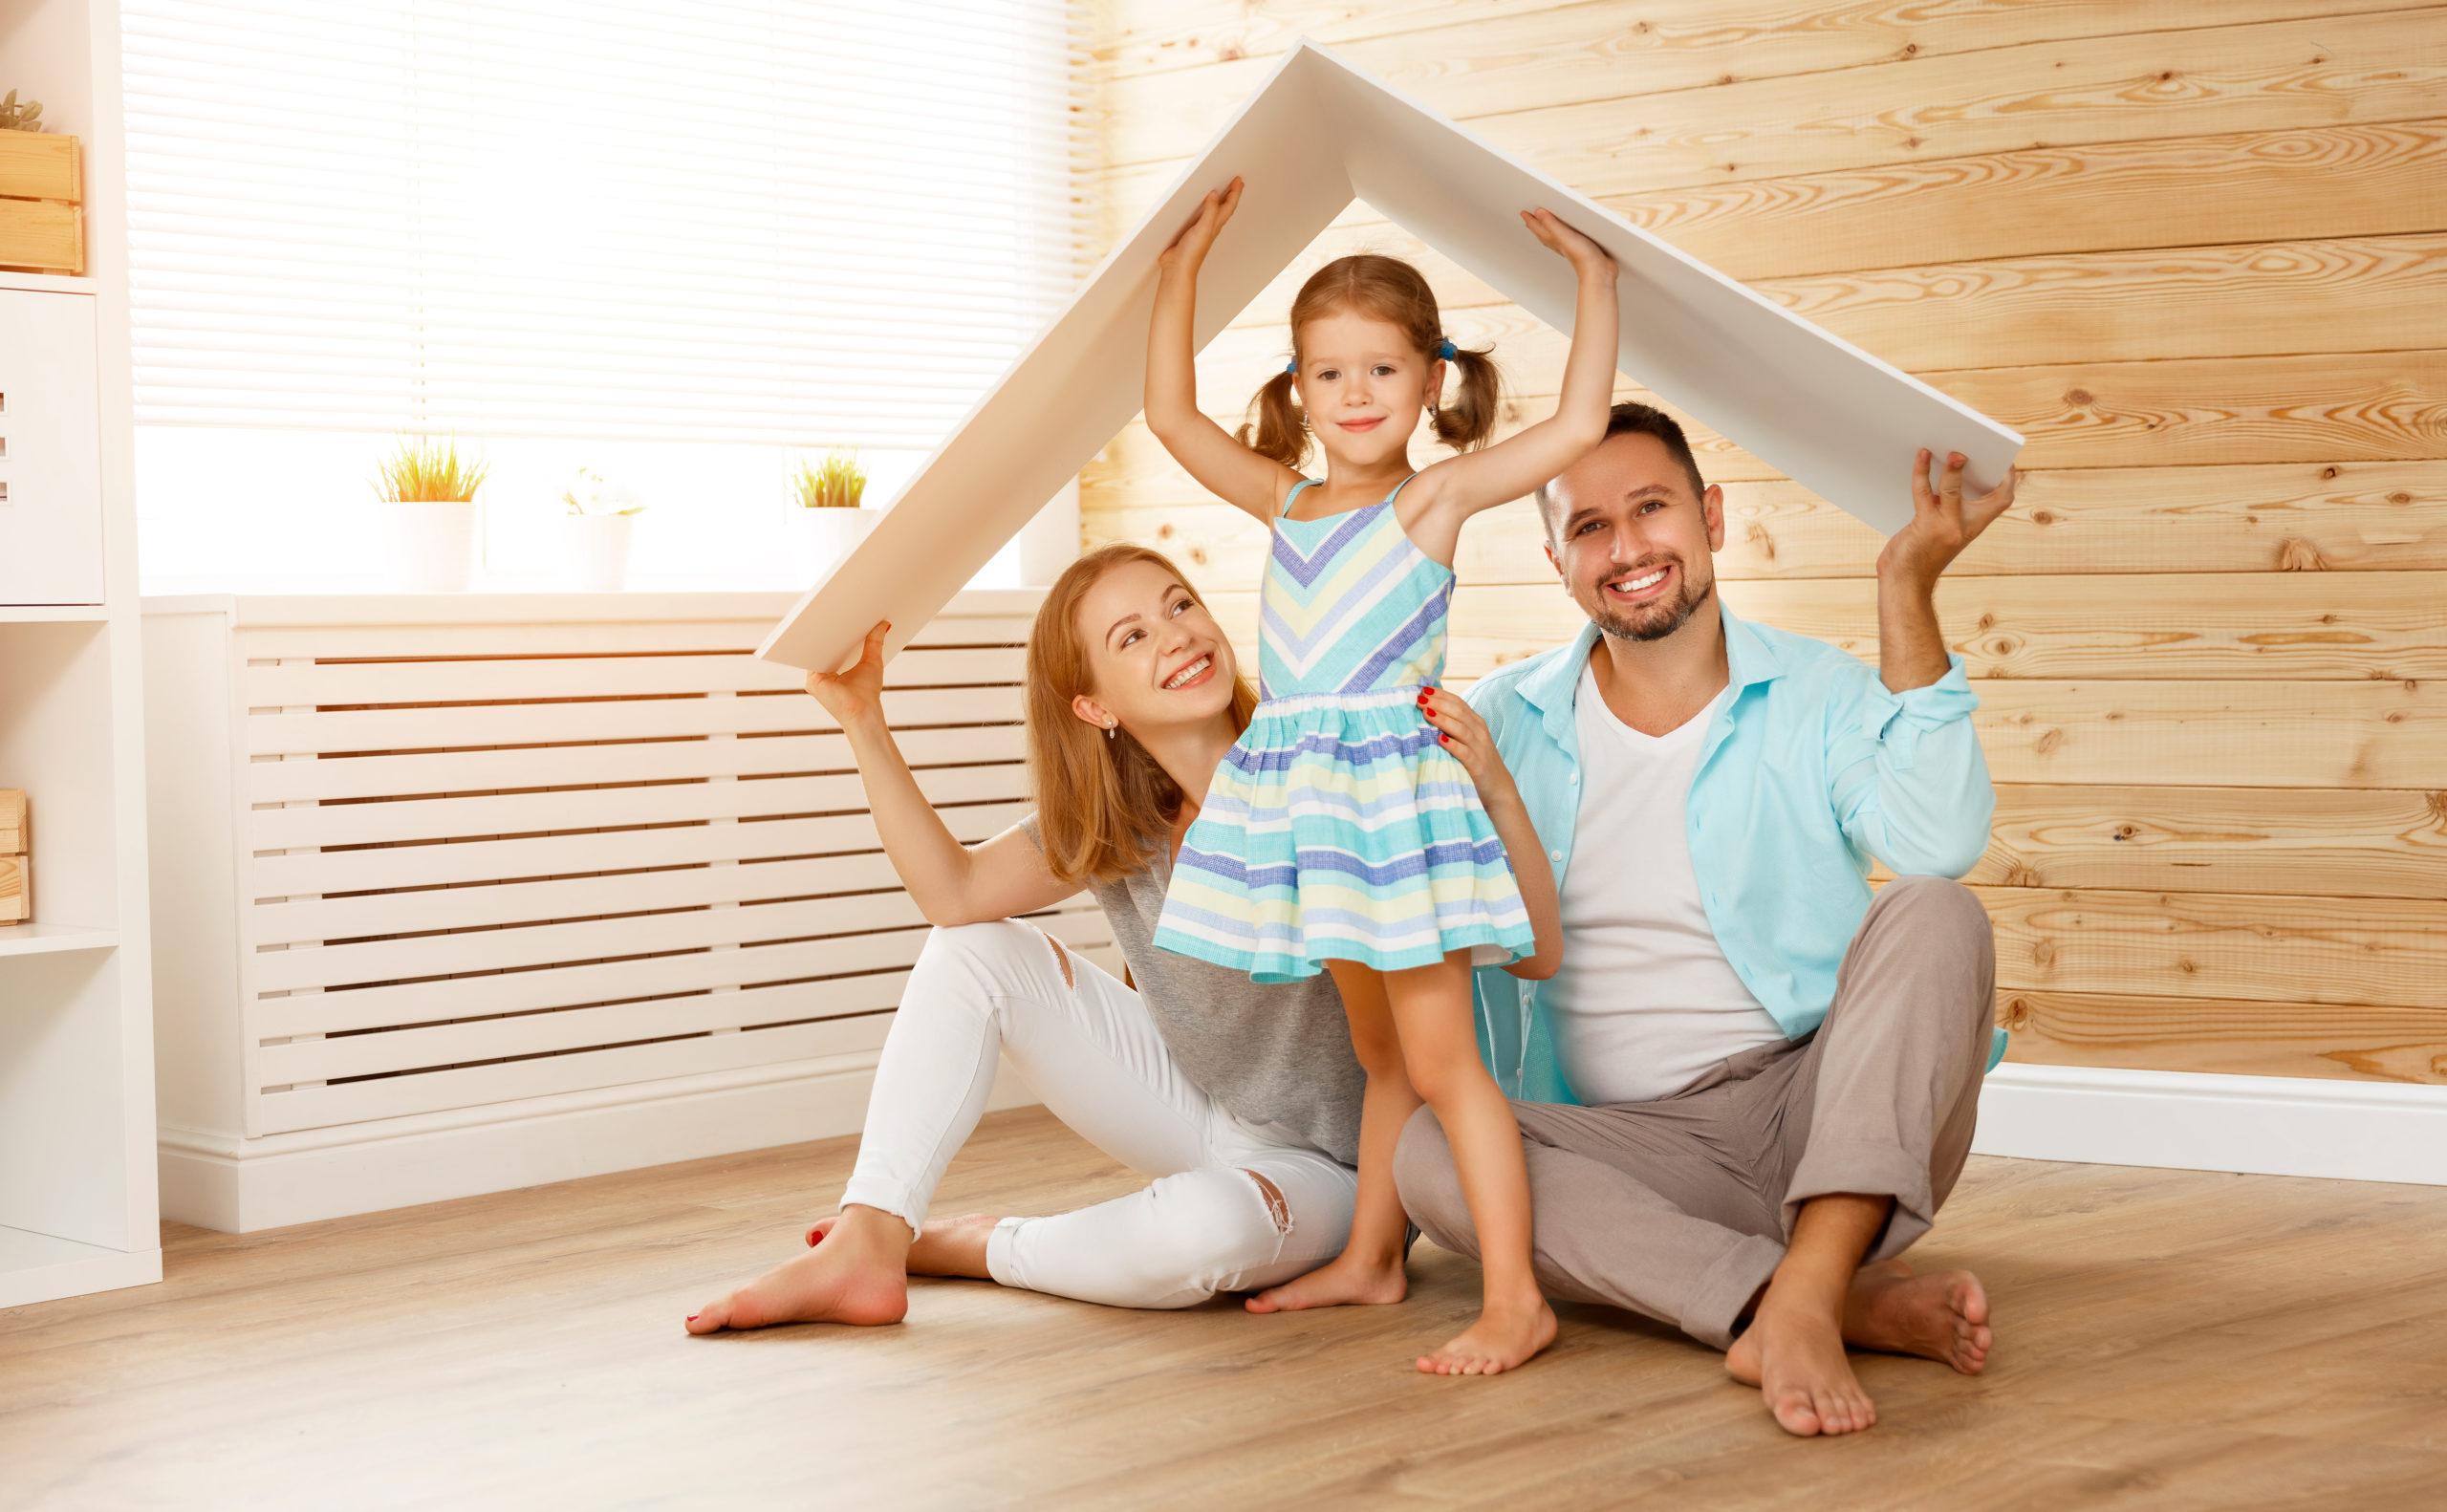 Seguro residencial: Por que ter um?